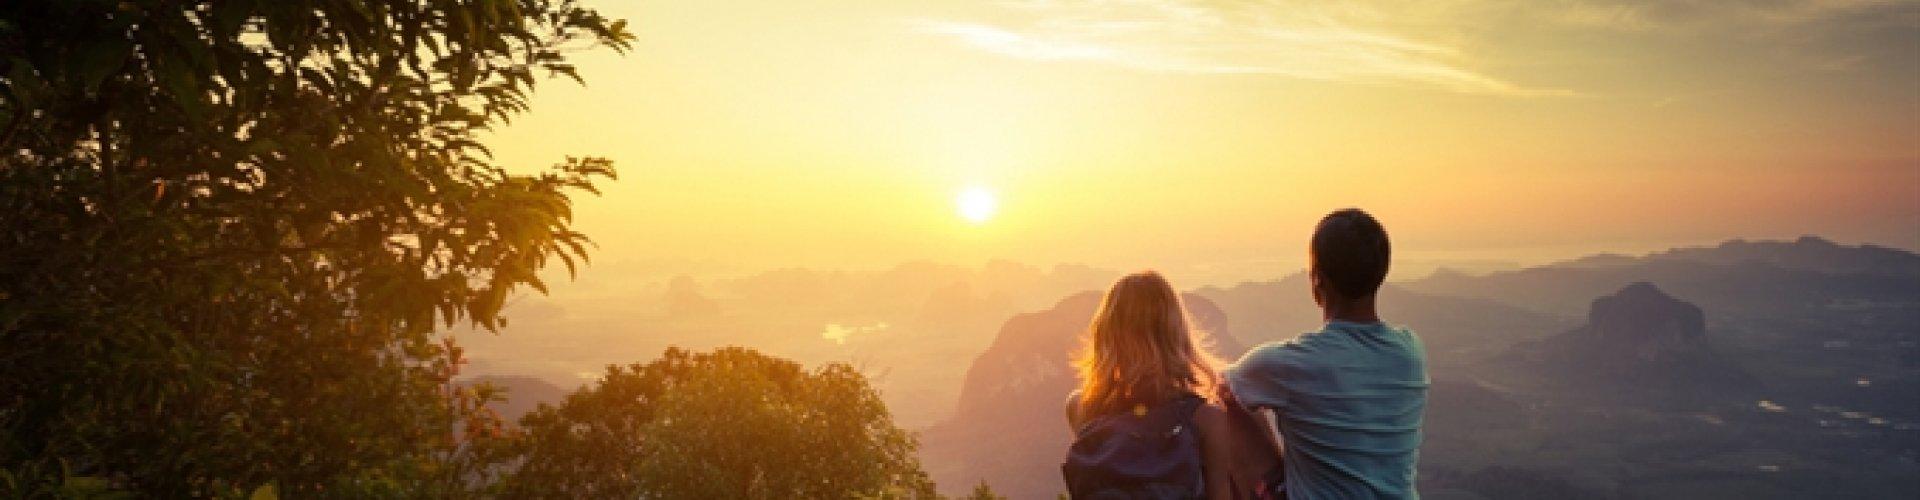 Romantyczny weekend w górach